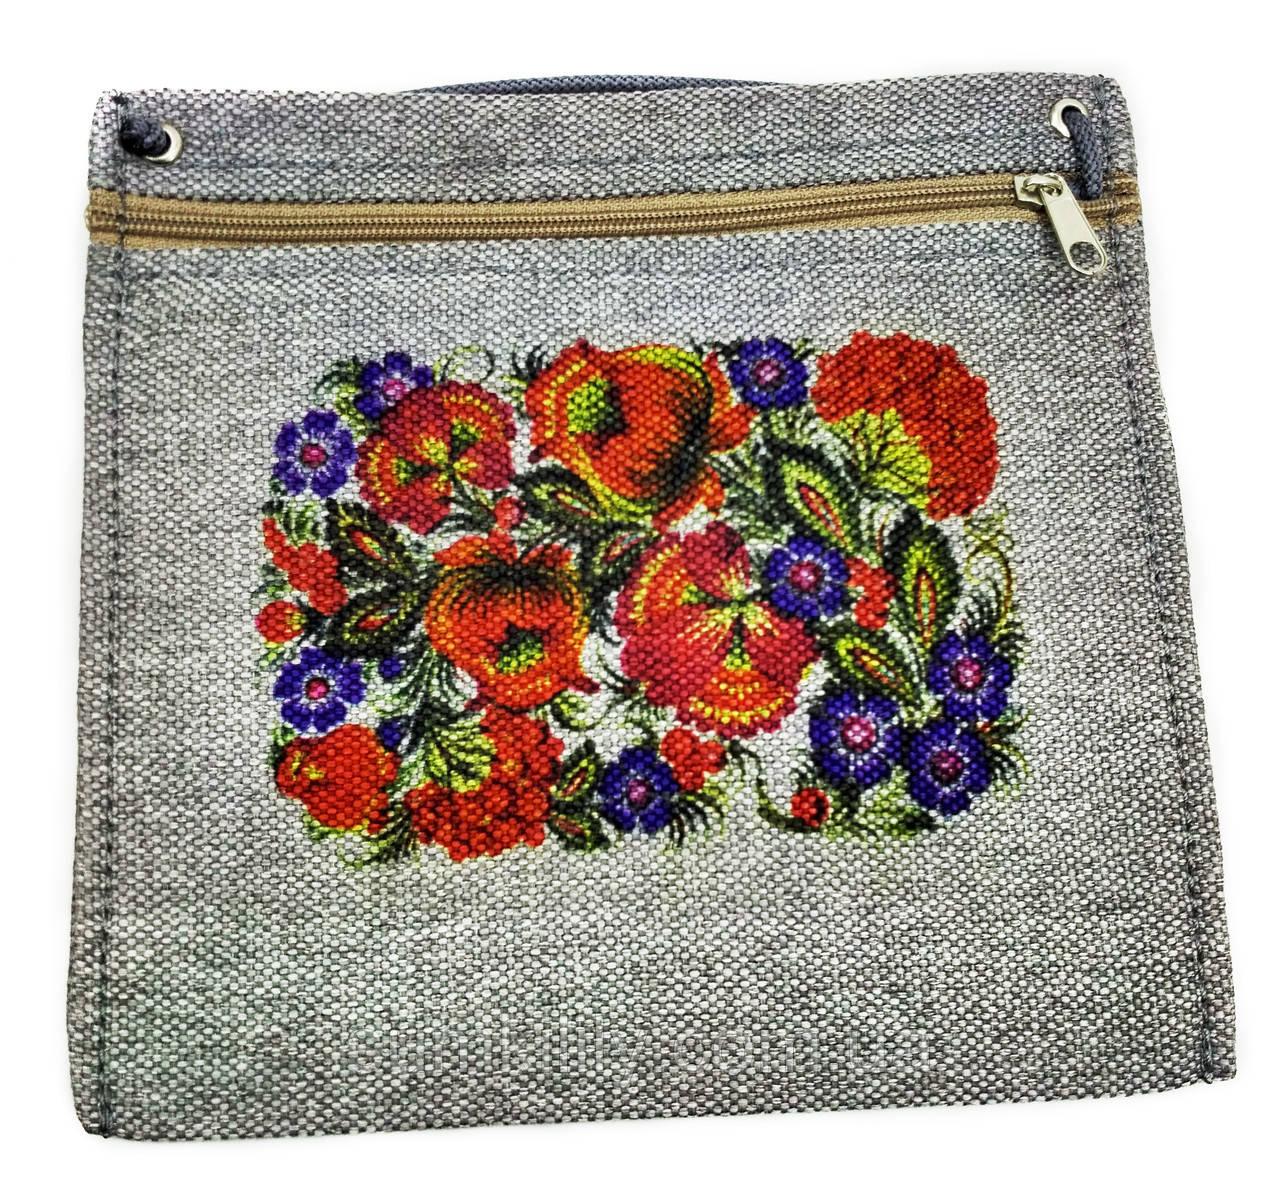 Текстильный кошелек КВІТИ 2